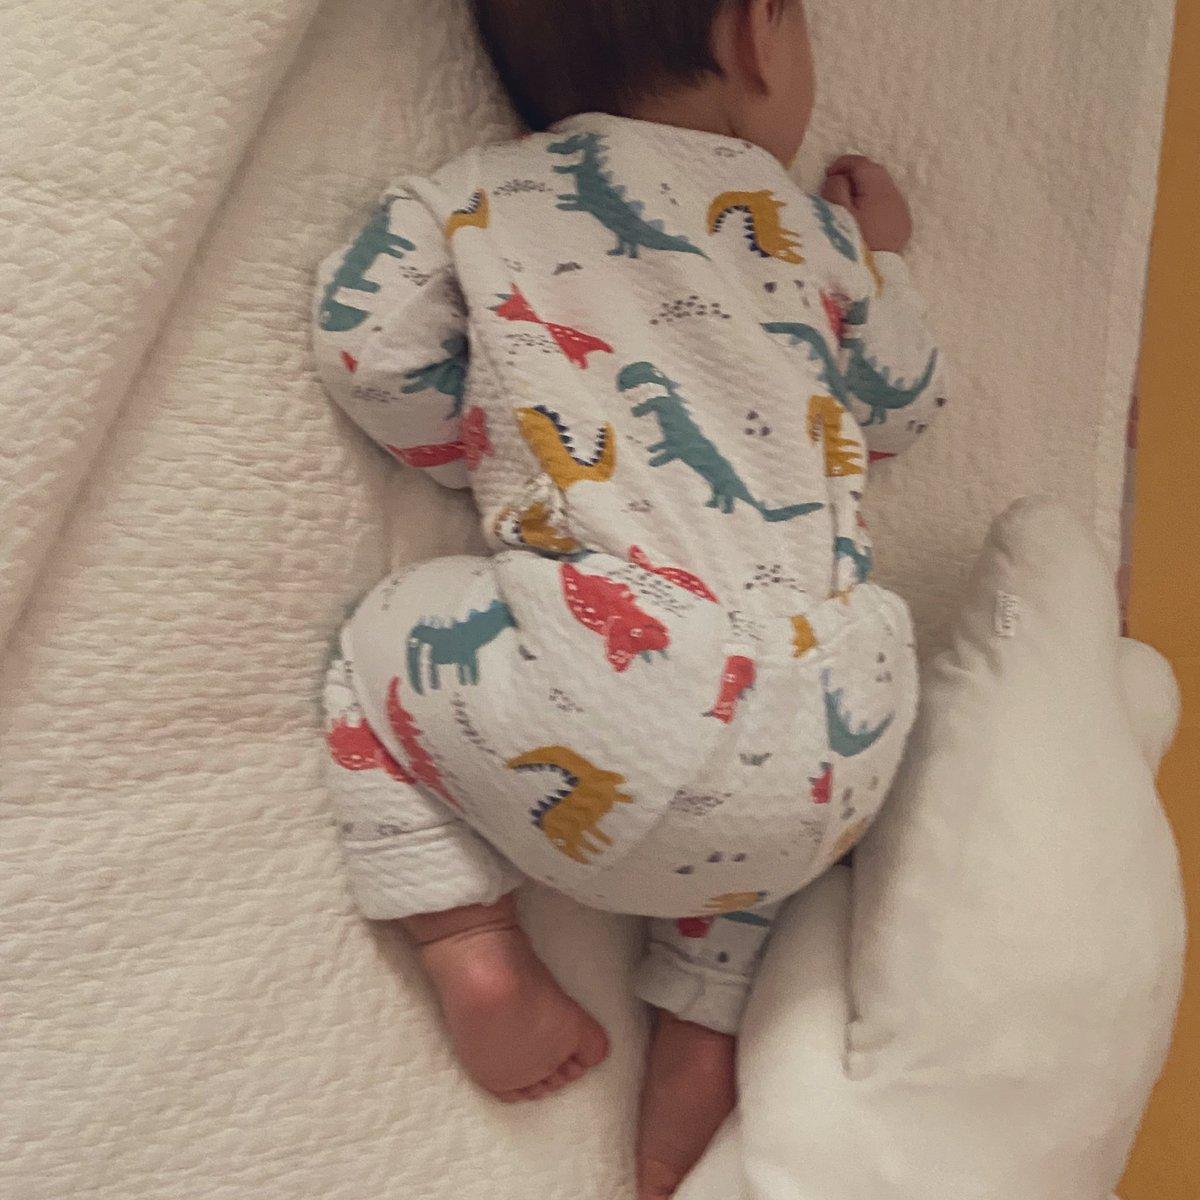 떡두꺼비같은 자식이라는 말이 그냥 아기가 두꺼비같이 자서 생긴 말 아닐까